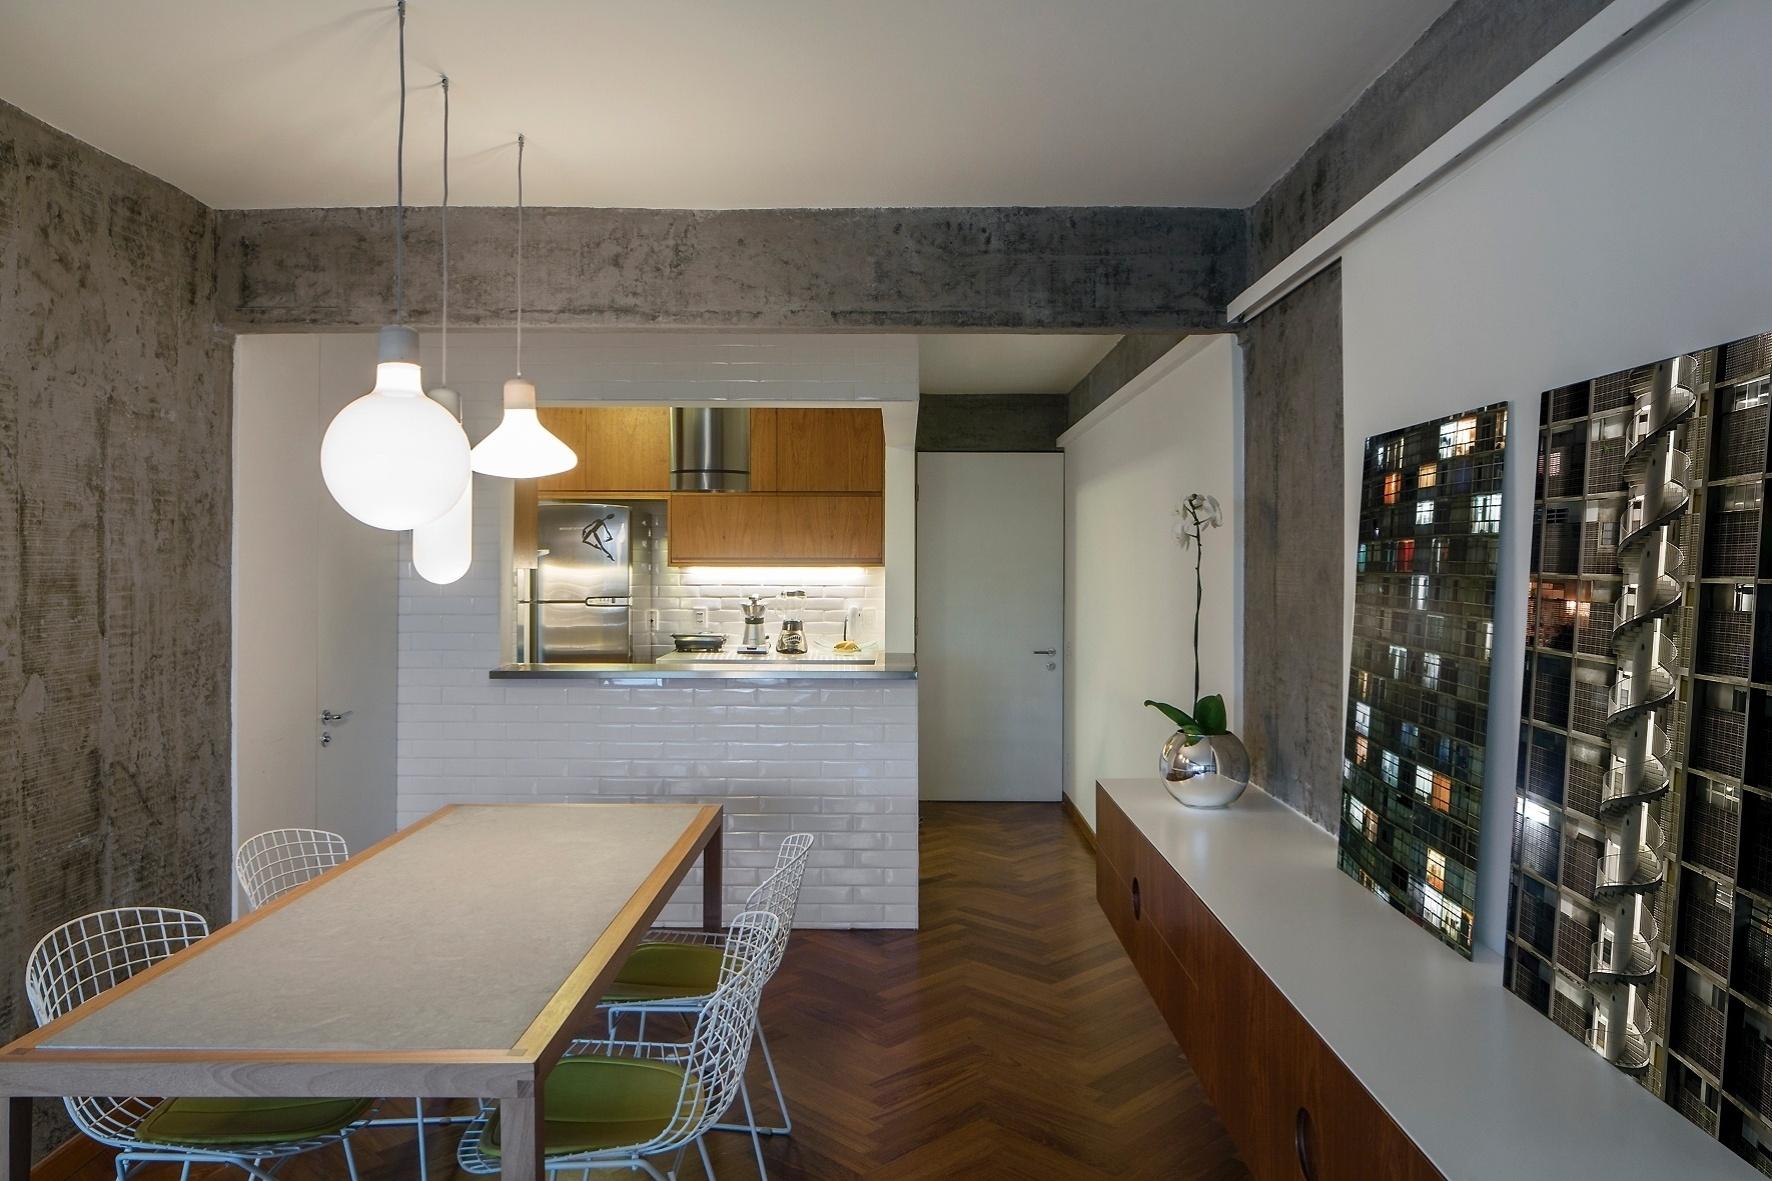 O interior do Apartamento FT, com 98 m², foi totalmente integrado para racionalizar o uso do espaço compartilhado entre moradia e trabalho. A cozinha (ao fundo) tem passa-pratos voltado para o jantar, com bancada em aço-inox (Mekal) e paredes revestidas com azulejos cerâmicos brancos, também presentes na cozinha. A reforma foi projetada pelo escritório Pascali Semerdjian Arquitetos